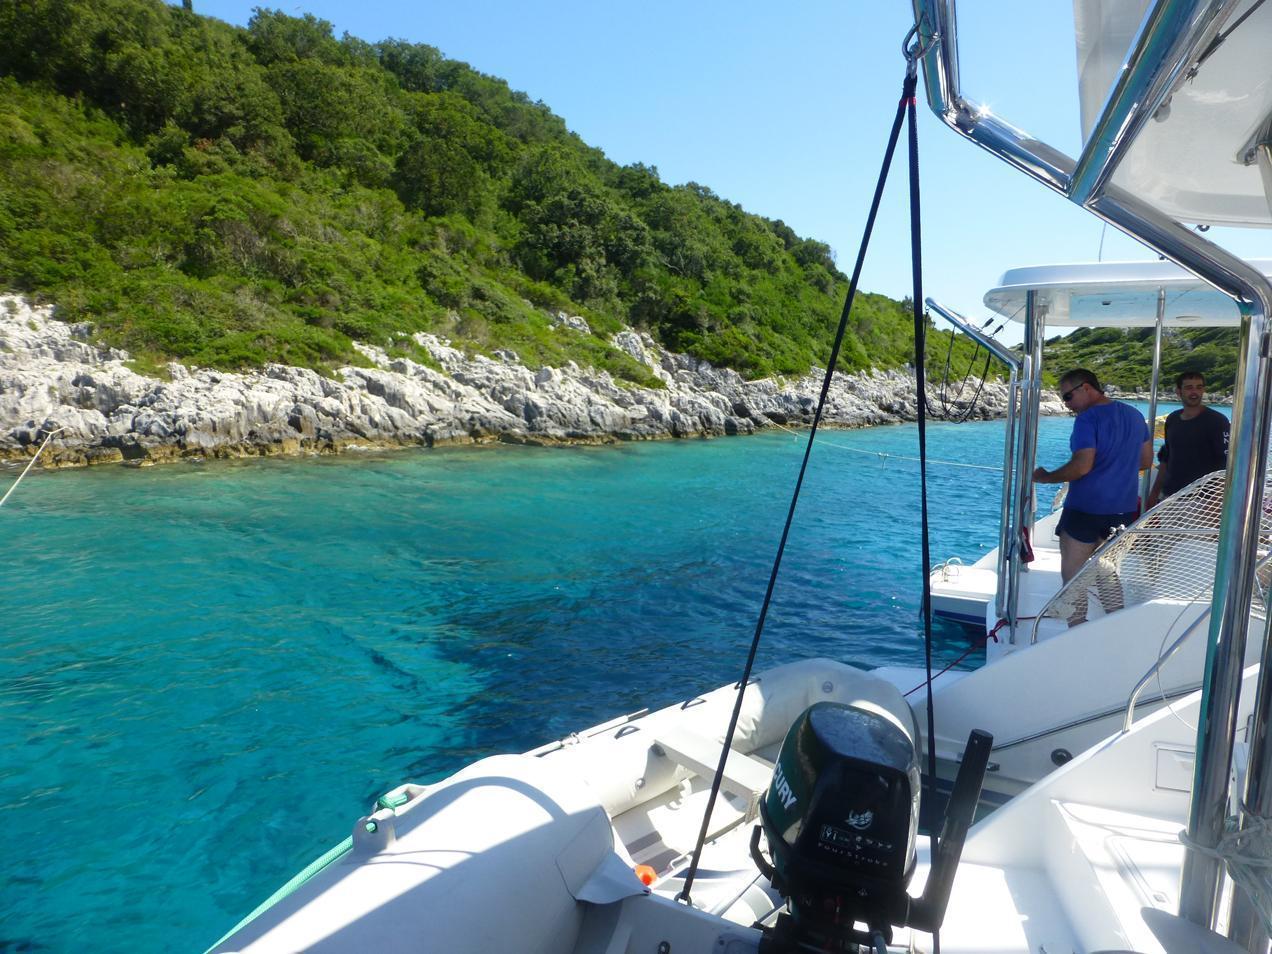 הפלגה ליוון עם דרך הים - עגינה במפרצים מדהימים